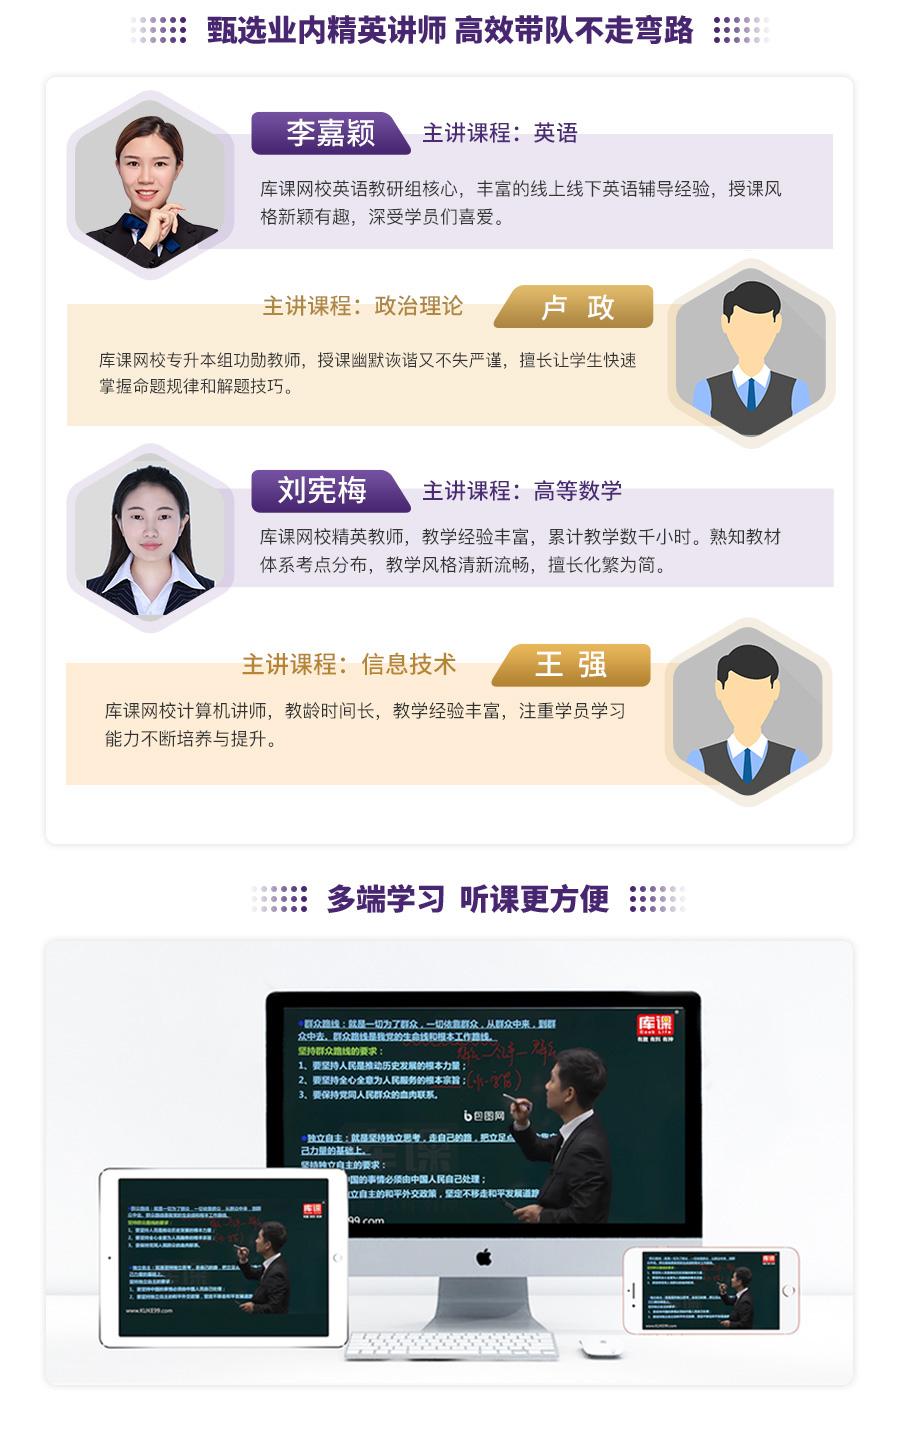 21年江西专升本全科基础班《英语+政治+信息技术+高等数学》.jpg